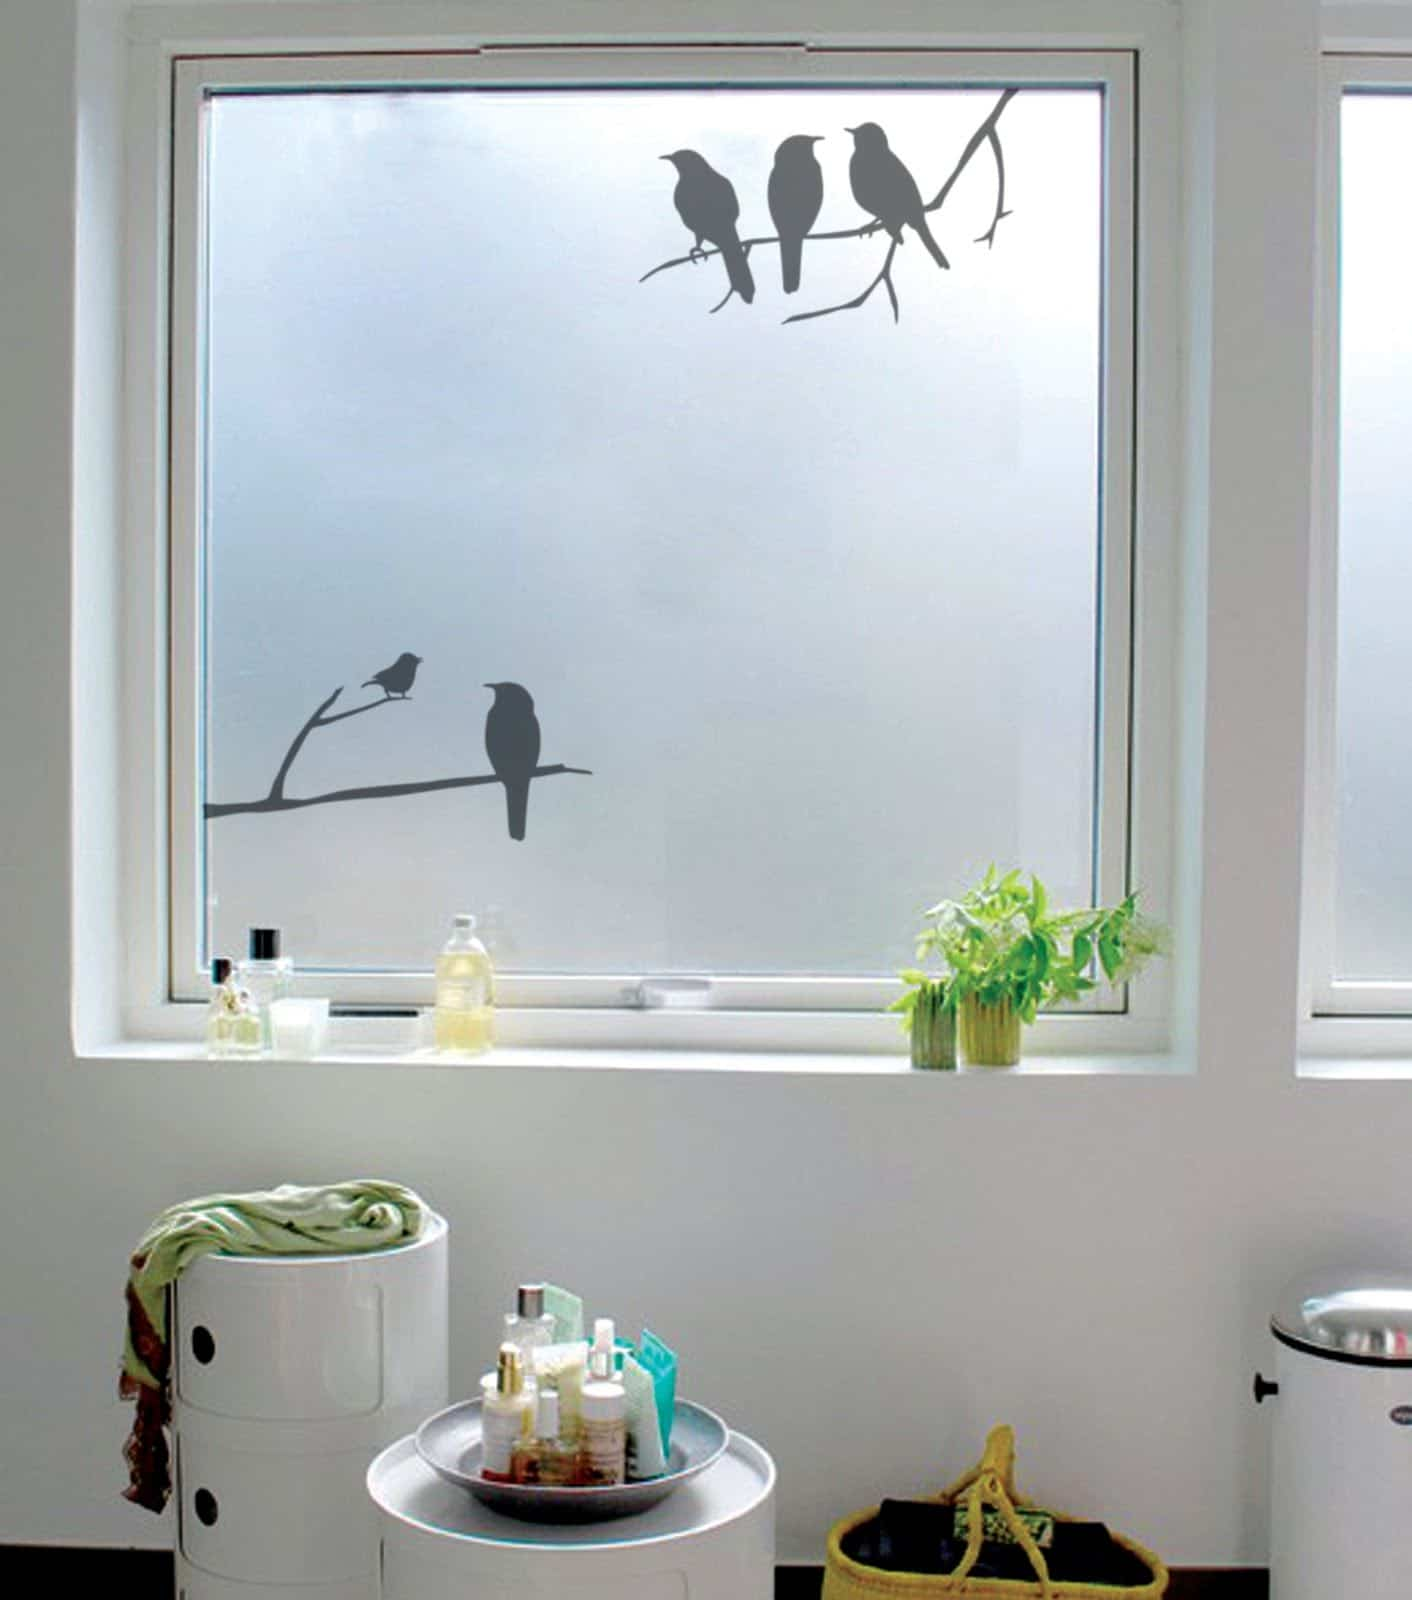 Vinilos o cristales decorativos para ventanas con celos - Papel decorativo cocina ...